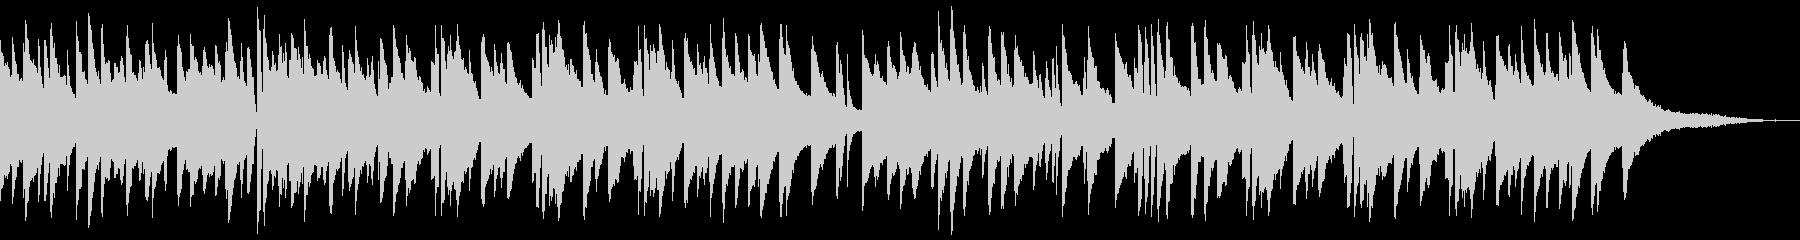 落ち着いた雰囲気のジャズピアノソロの未再生の波形